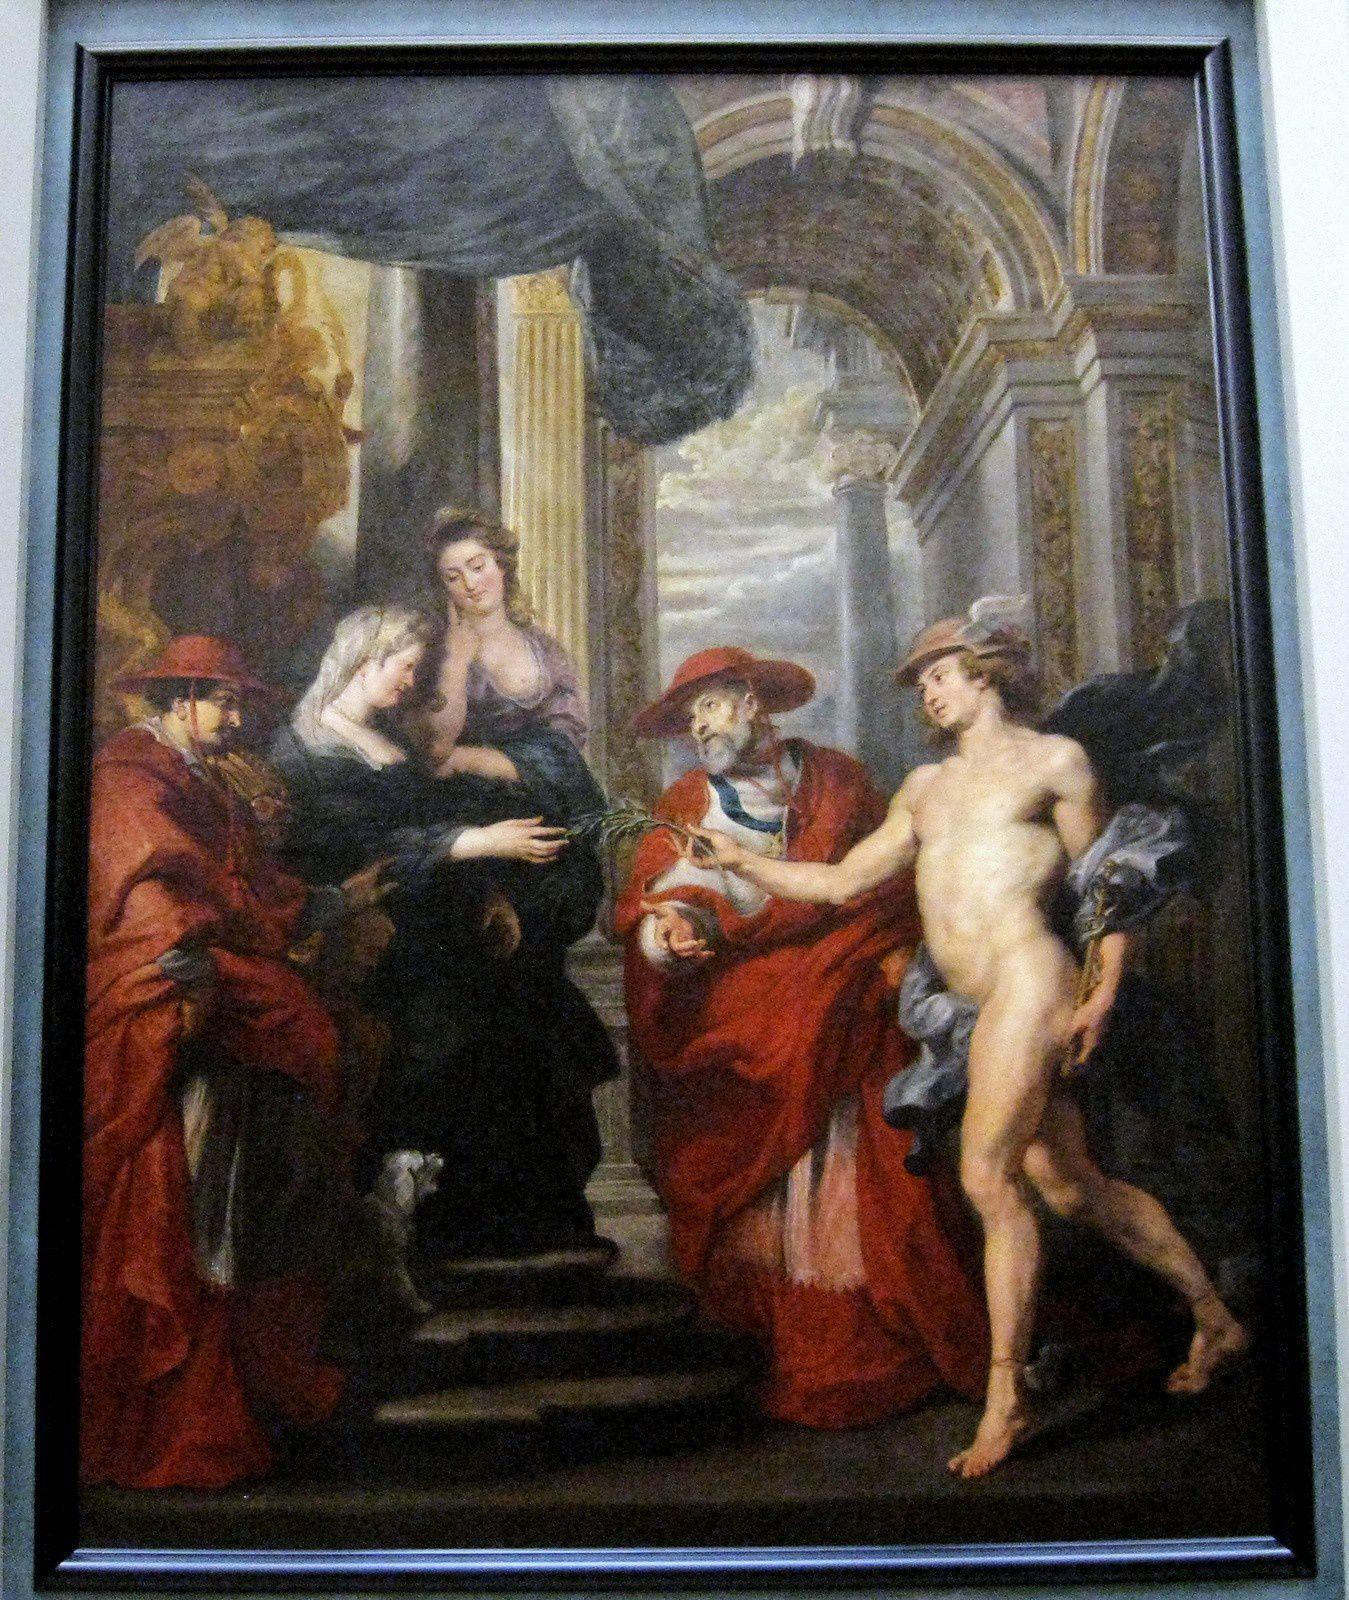 Petrus Paulus Rubens, le Traité d'Angoulême le 30 avril 1619